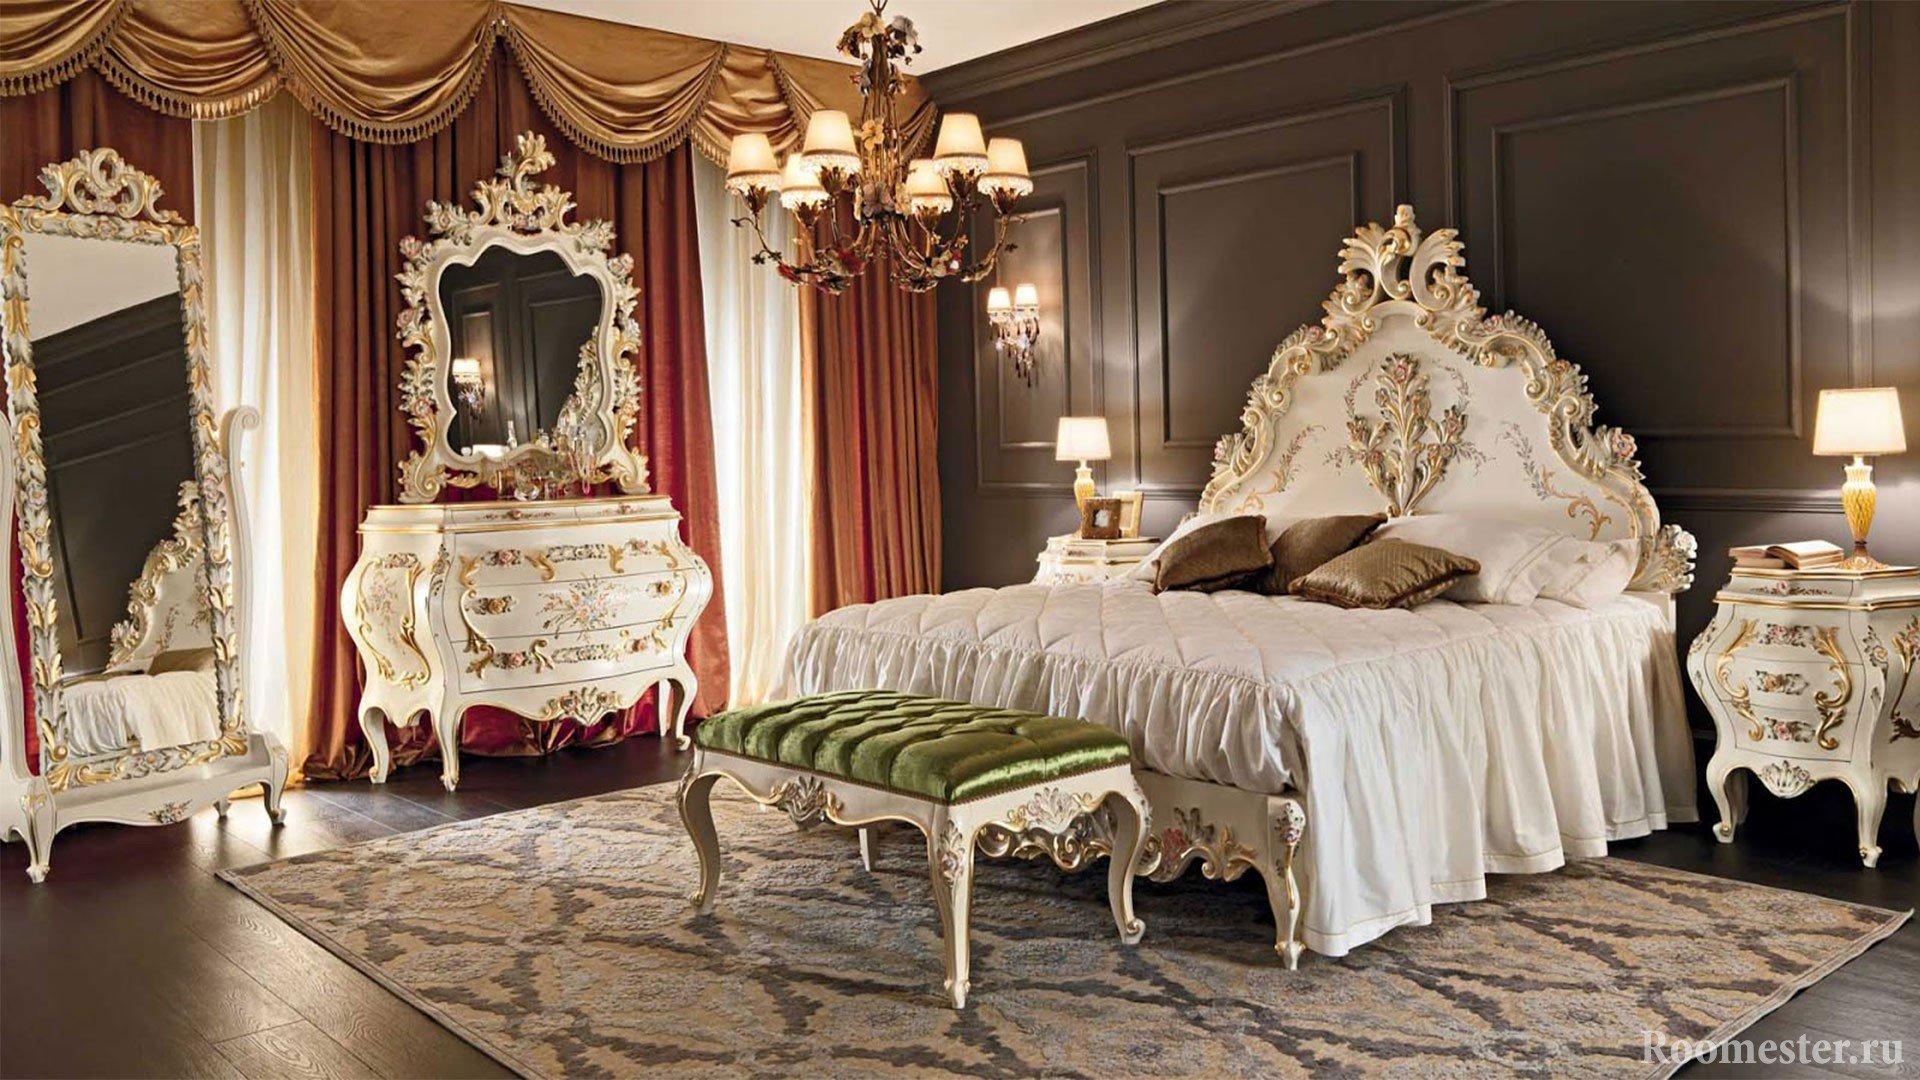 Мебель с резными узорами в спальне